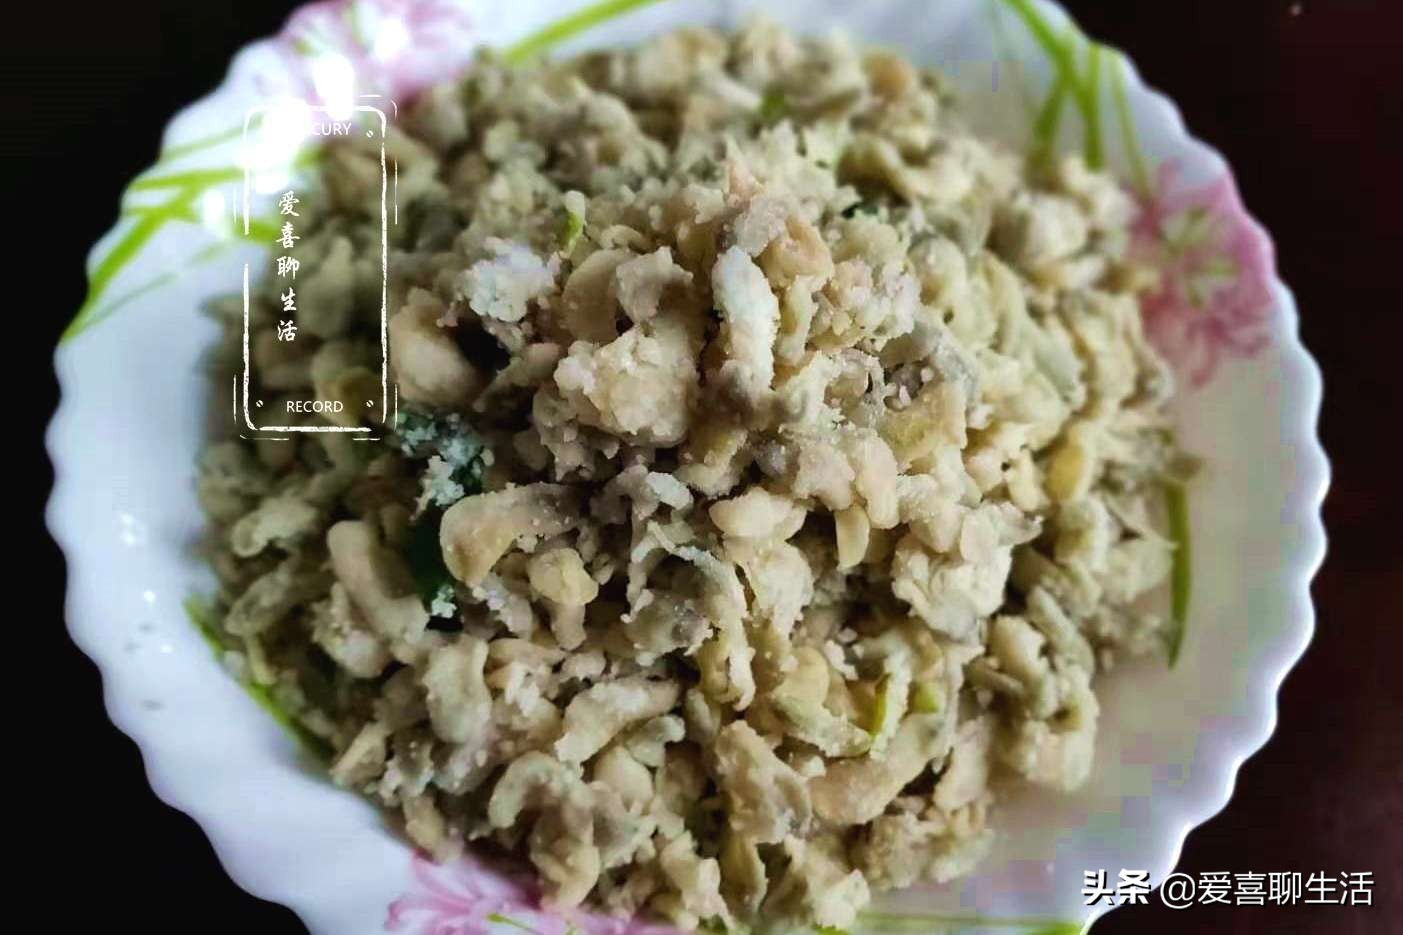 五一前,吃野菜不如吃这朵花,清香味美又软又酥,三高人群要常吃 美食做法 第3张